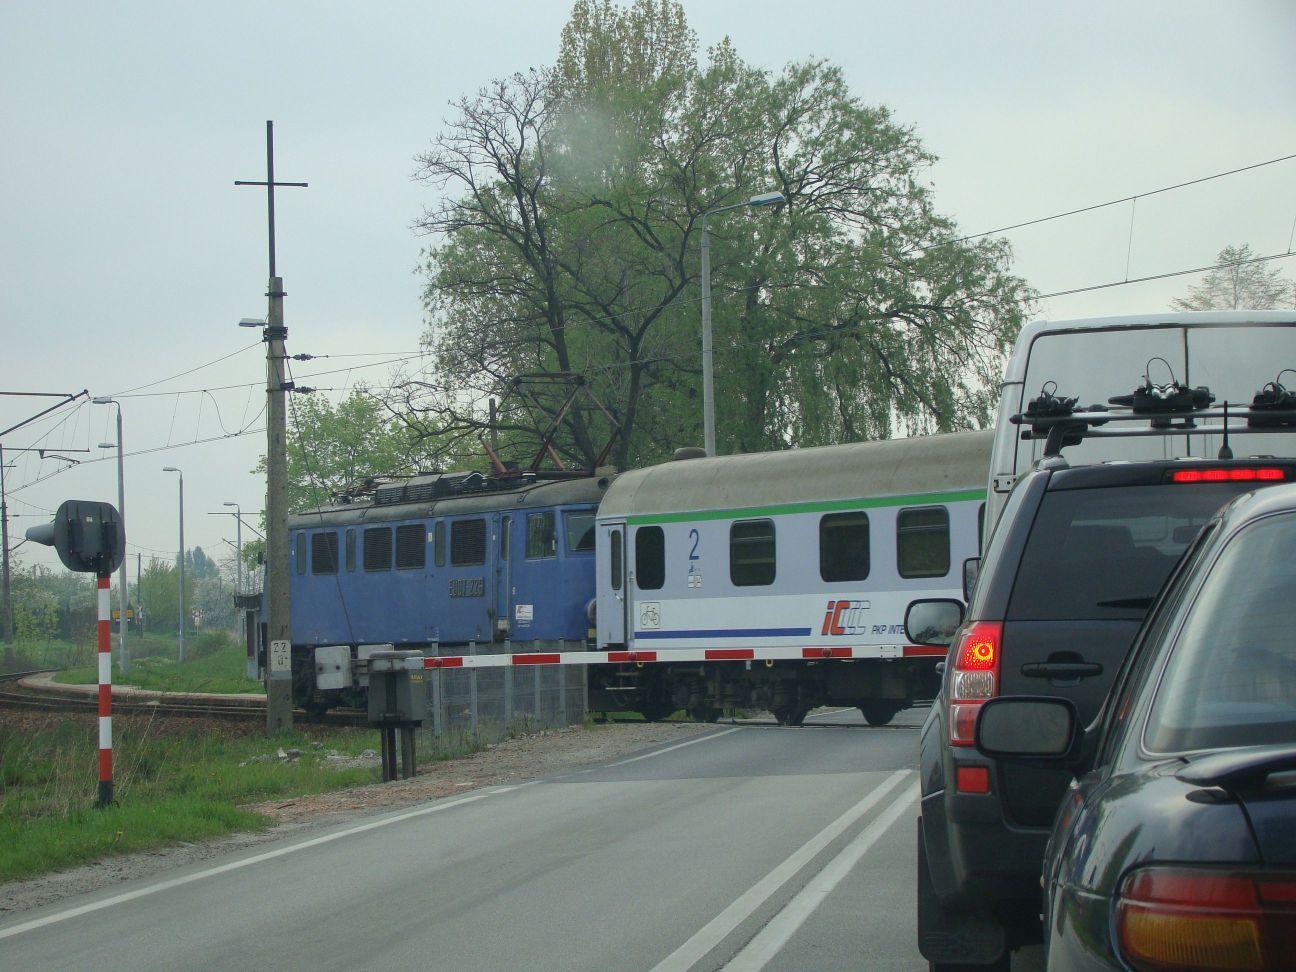 Nowy rozkład jazdy. Wraca pociąg do Zakopanego i Szczecina